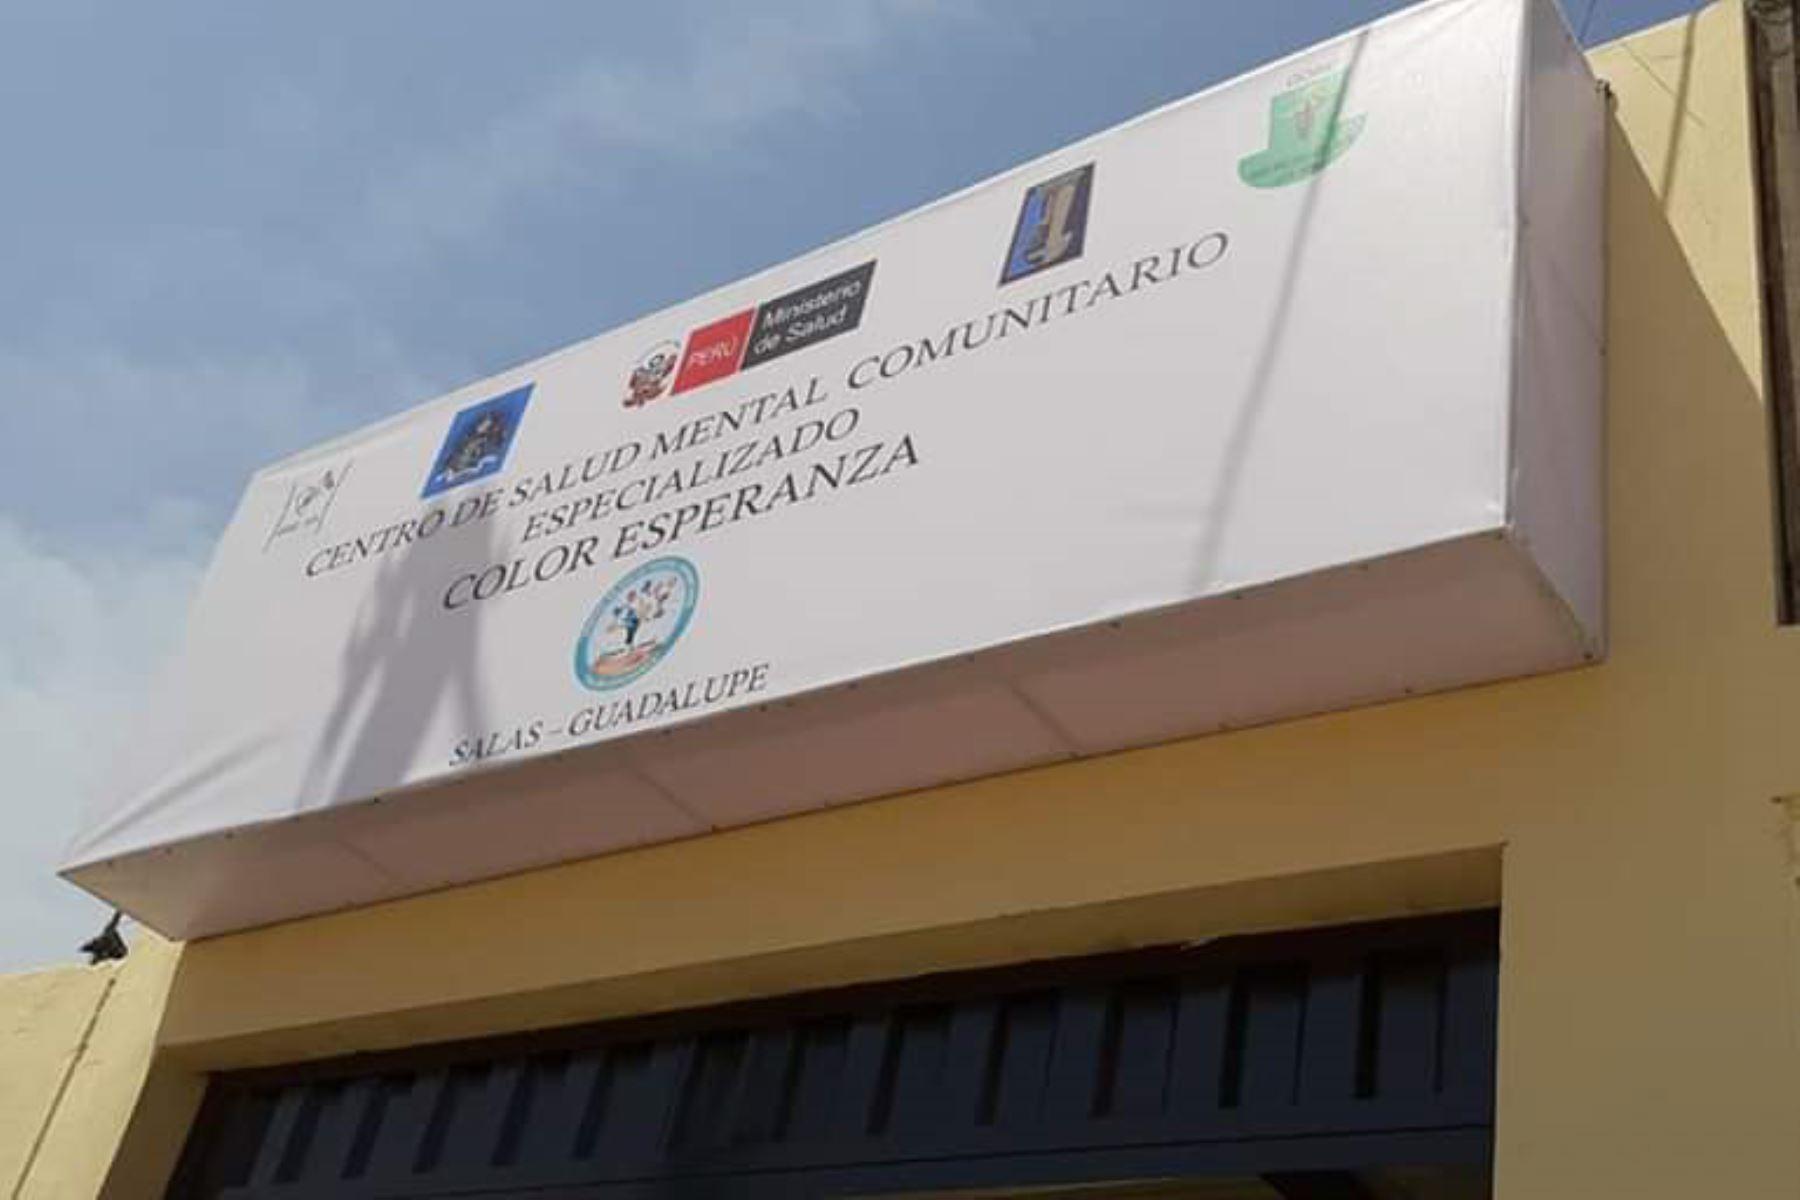 Un nuevo centro de salud mental comunitario opera en la región Ica - Agencia Andina